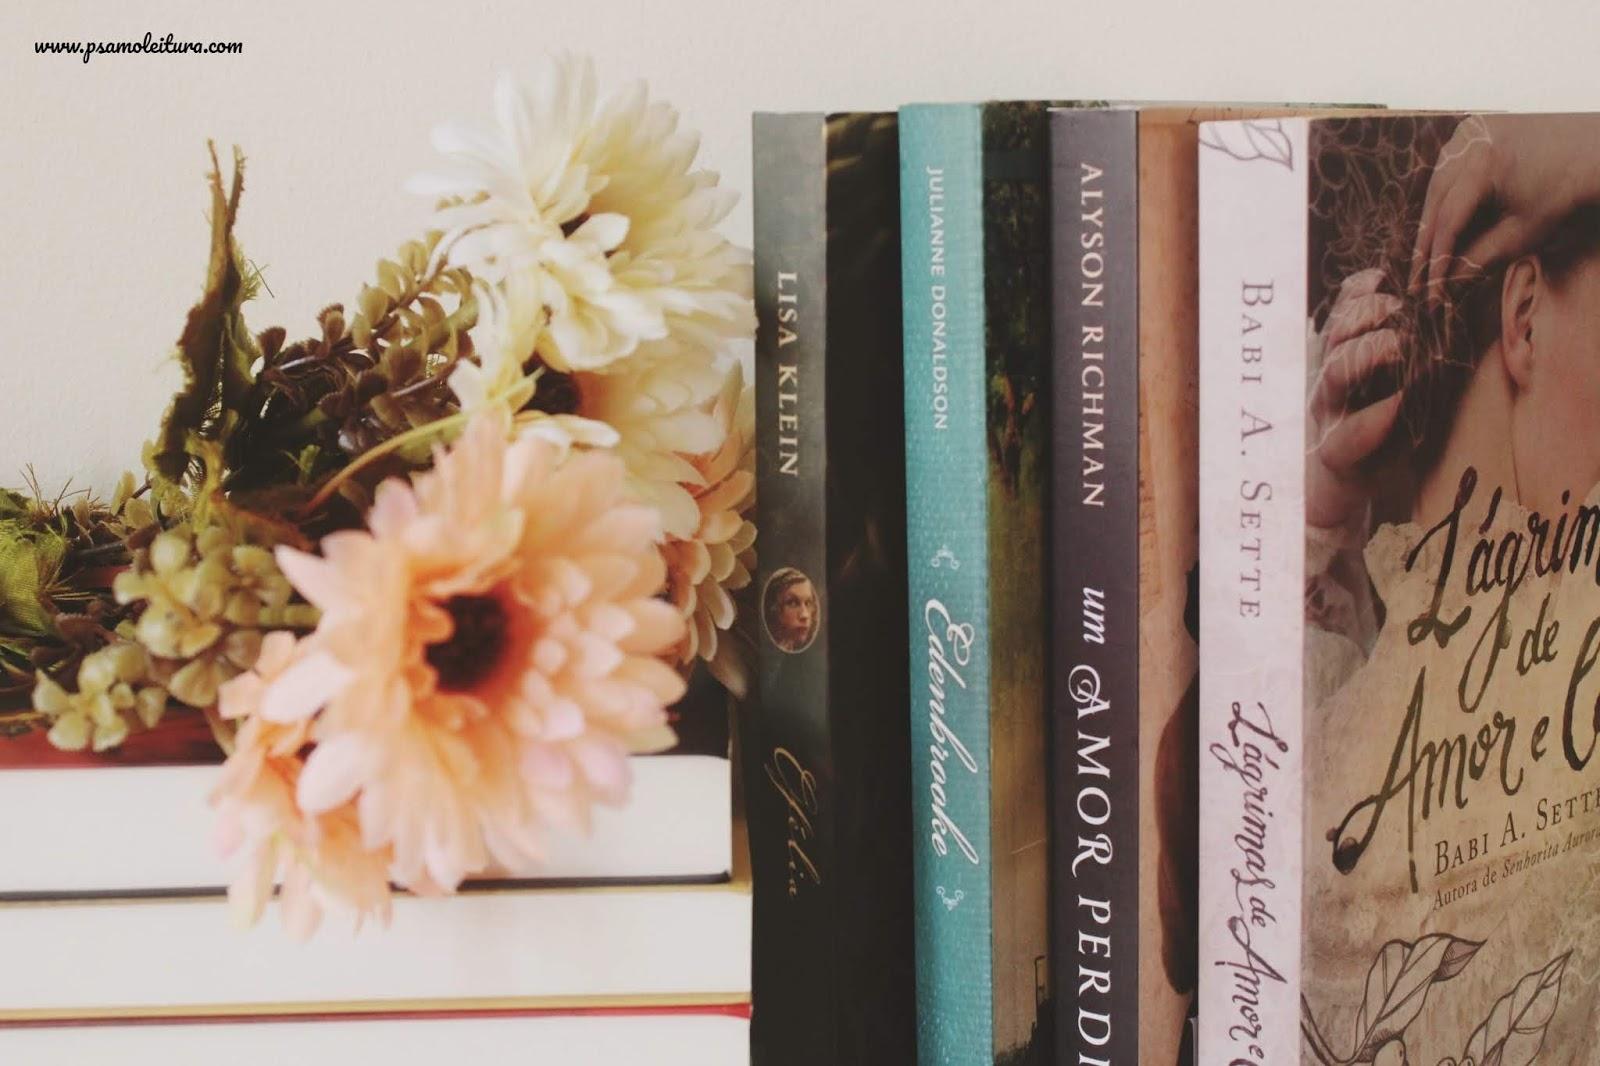 PS Amo Leitura: Romance de época e romance histórico: qual a diferença?